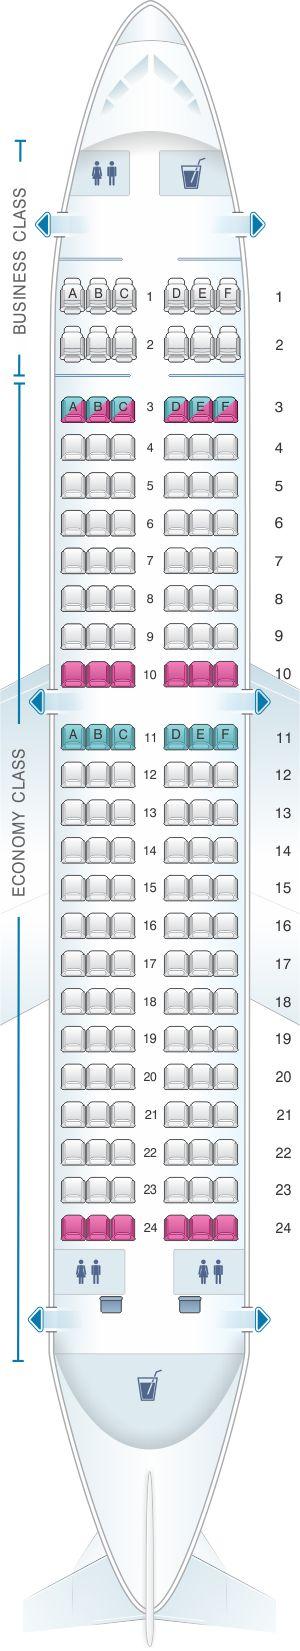 Seat Map Air Serbia Airbus A319